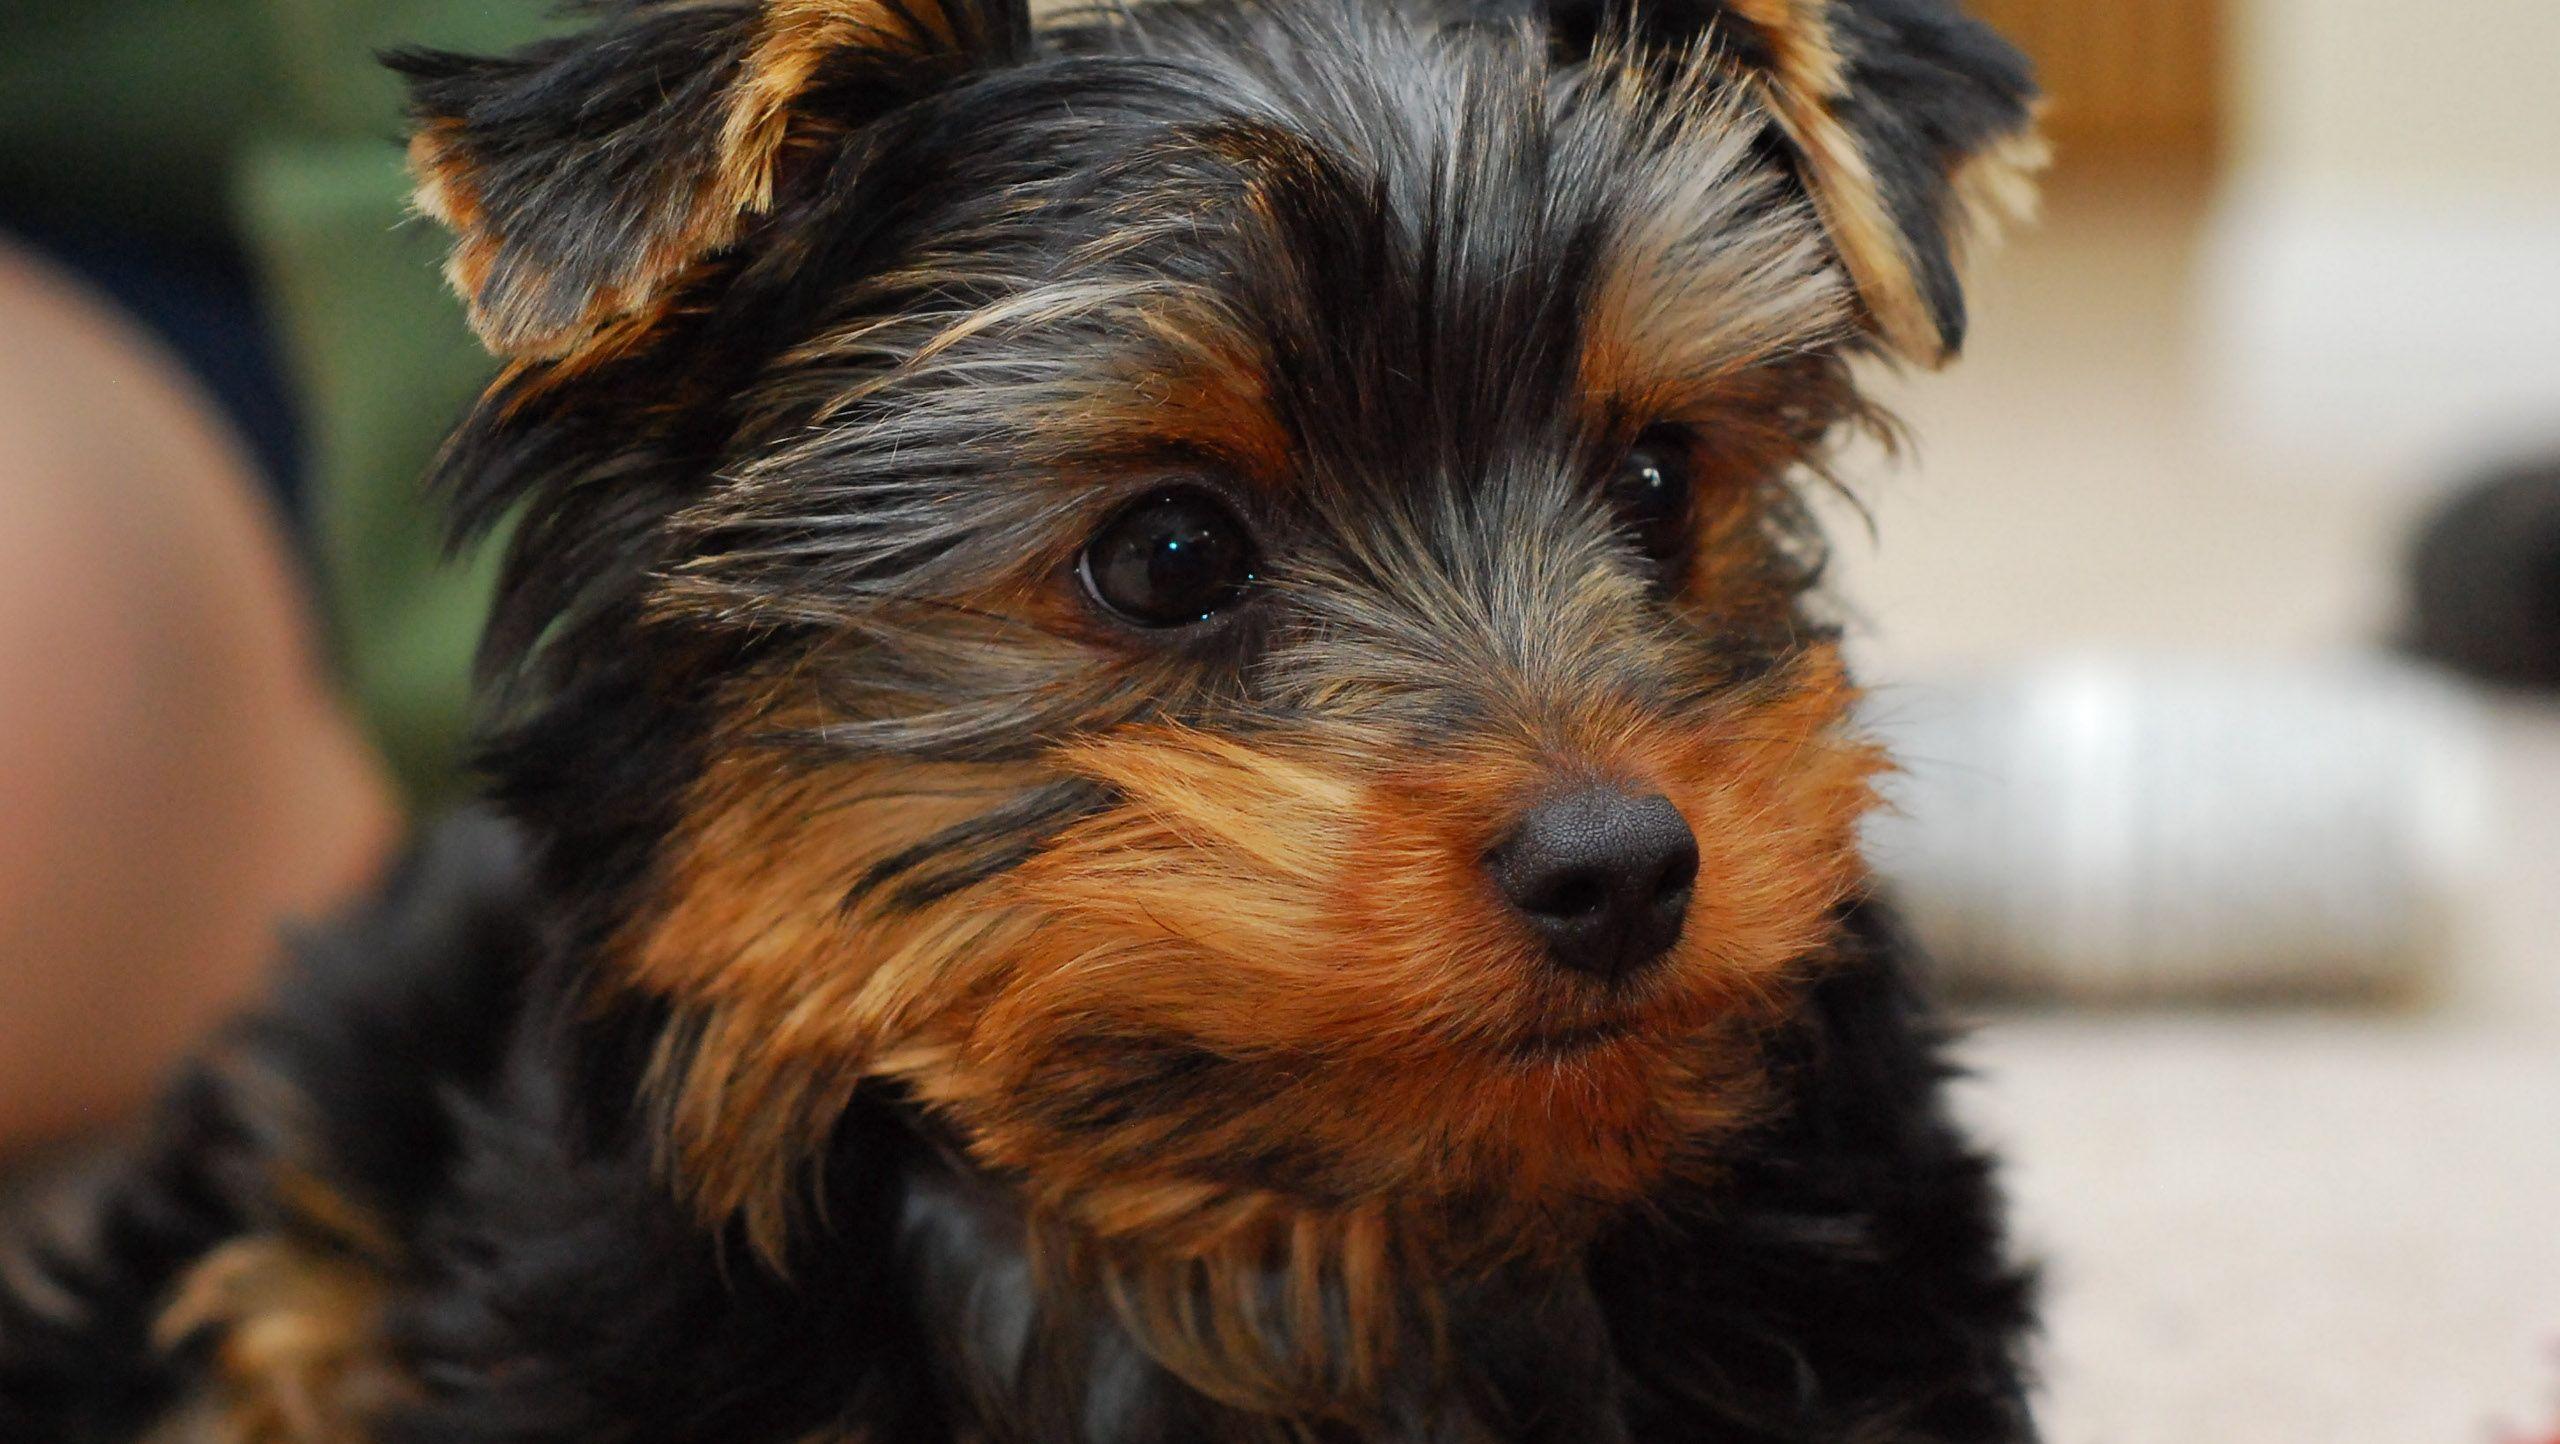 Ogromnie Pies York, czy dla każdego? Wady i zalety Yorków - Zwierzosfera SQ41